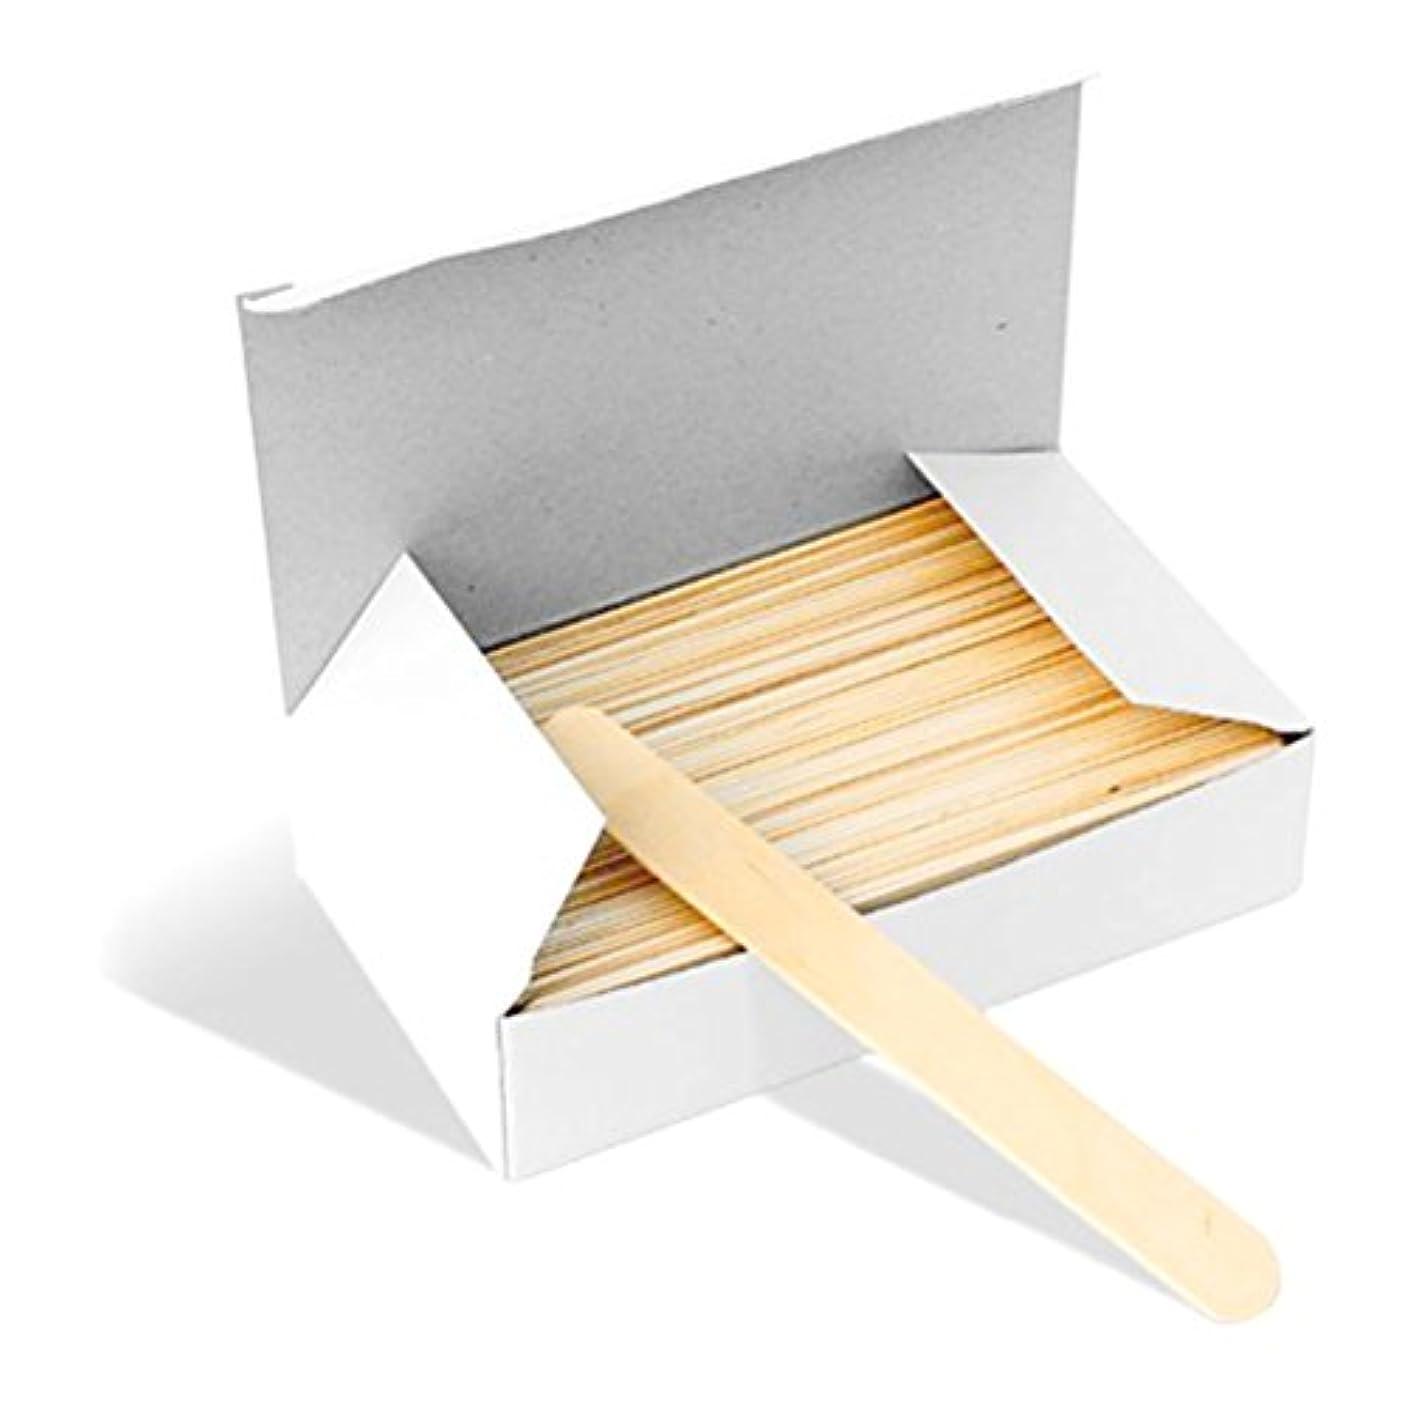 約まさにくぼみROSENICE 舌圧子 使い捨て 舌圧迫器 ディスポーザブル 業務用木製 消毒済 100本入り